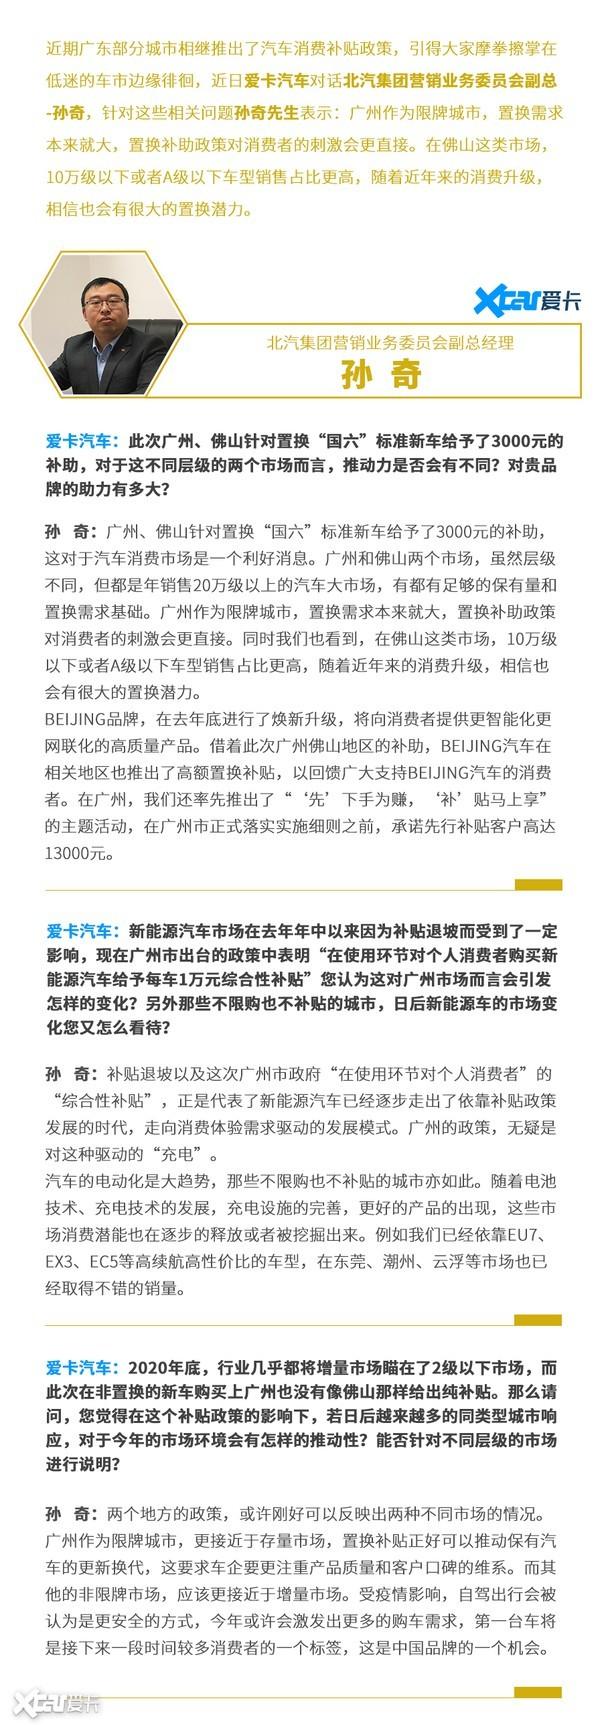 北汽集团 孙奇 对话 广东 广州 佛山 购车补贴政策